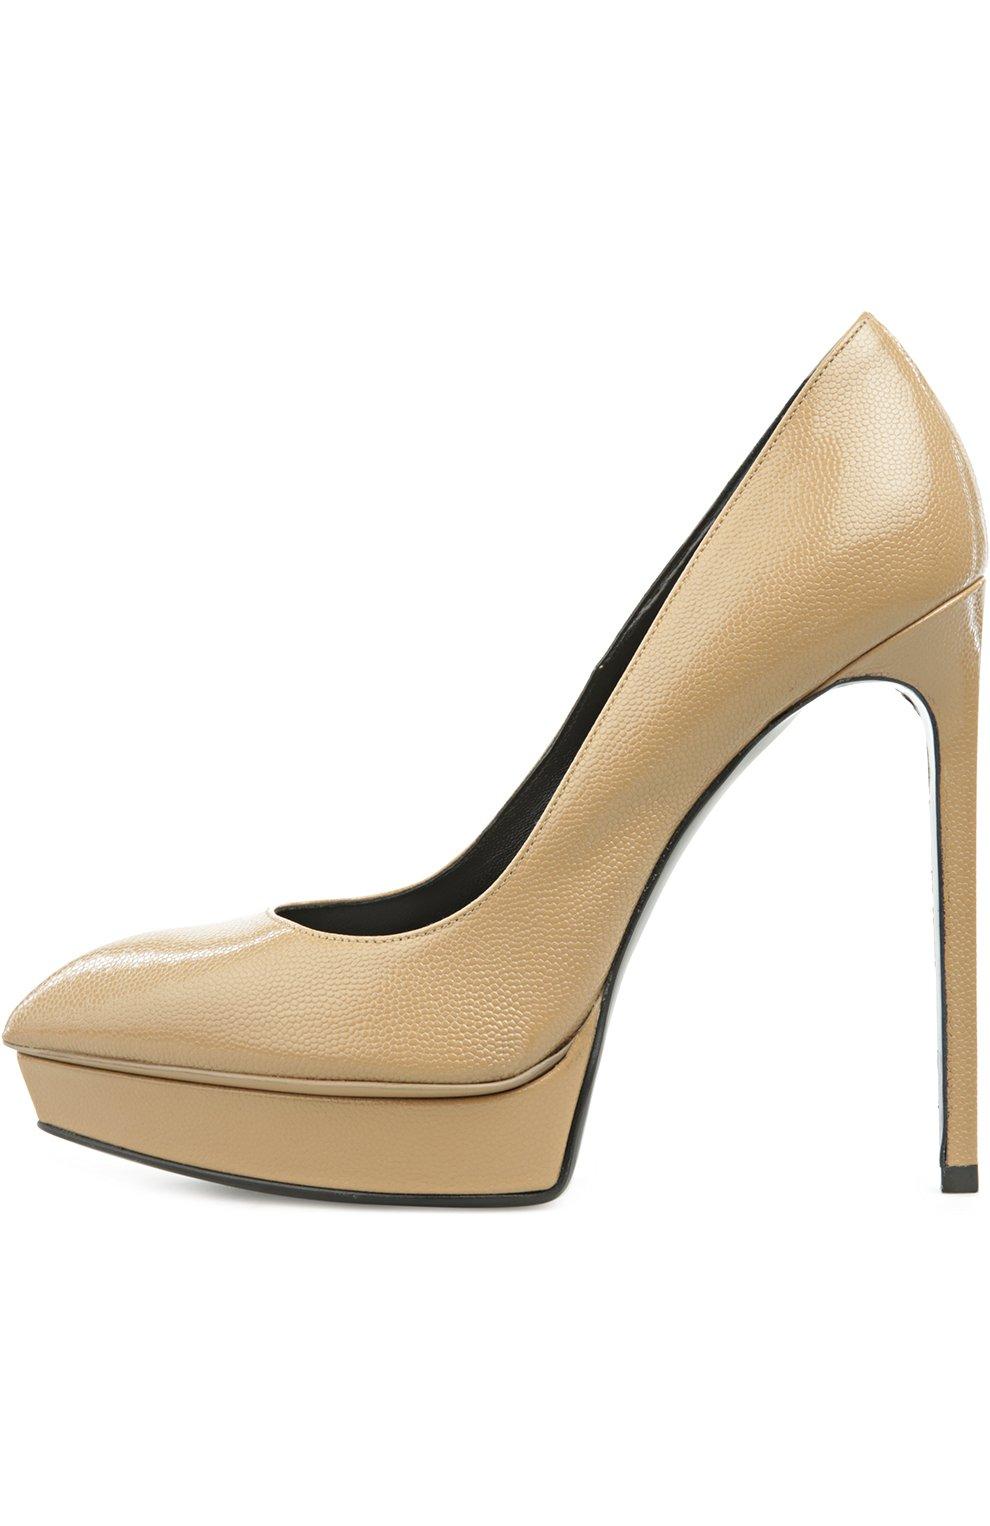 Кожаные туфли Janis на шпильке | Фото №1